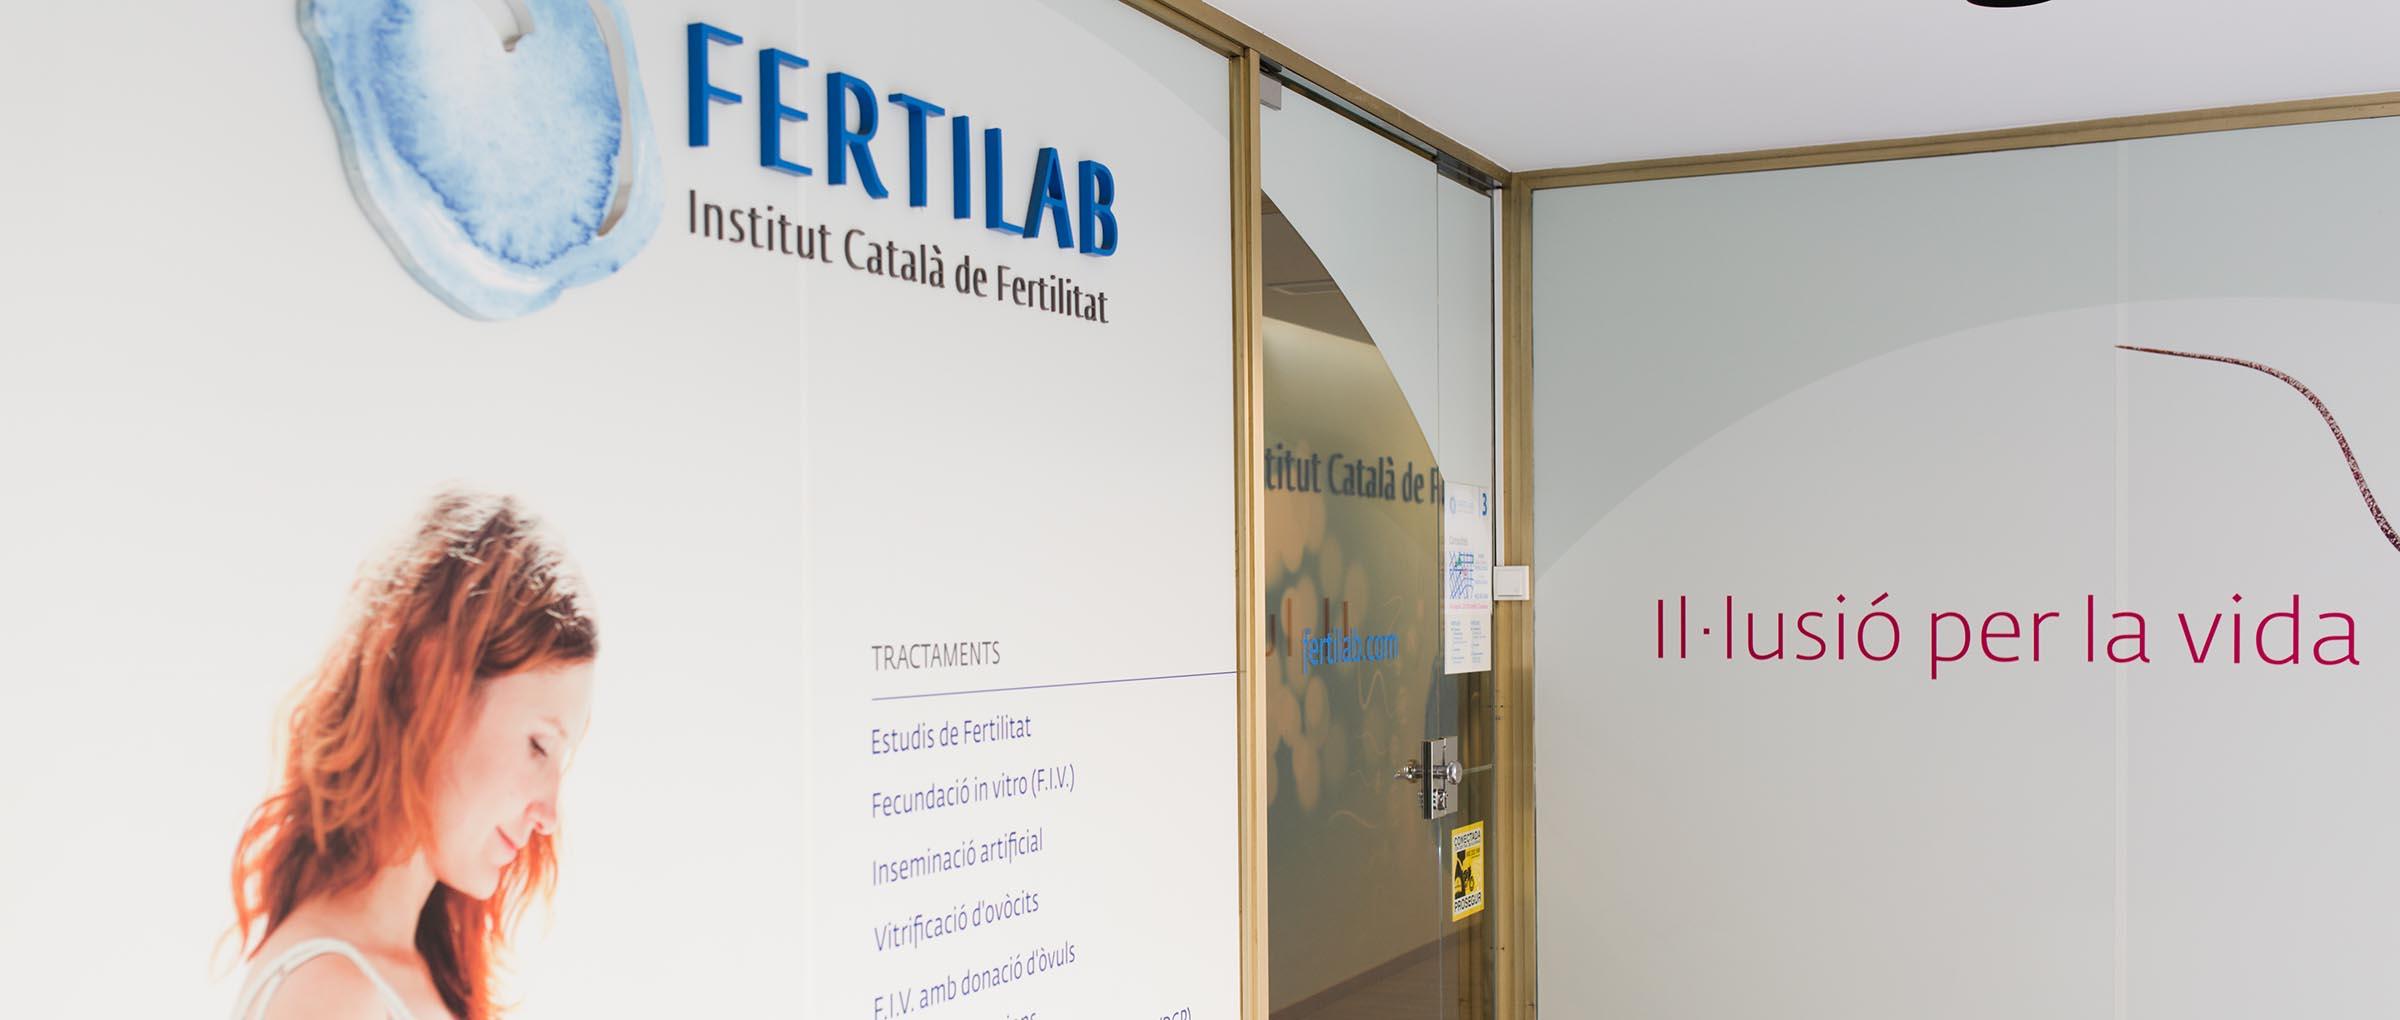 Fertilab entrada a la clinica